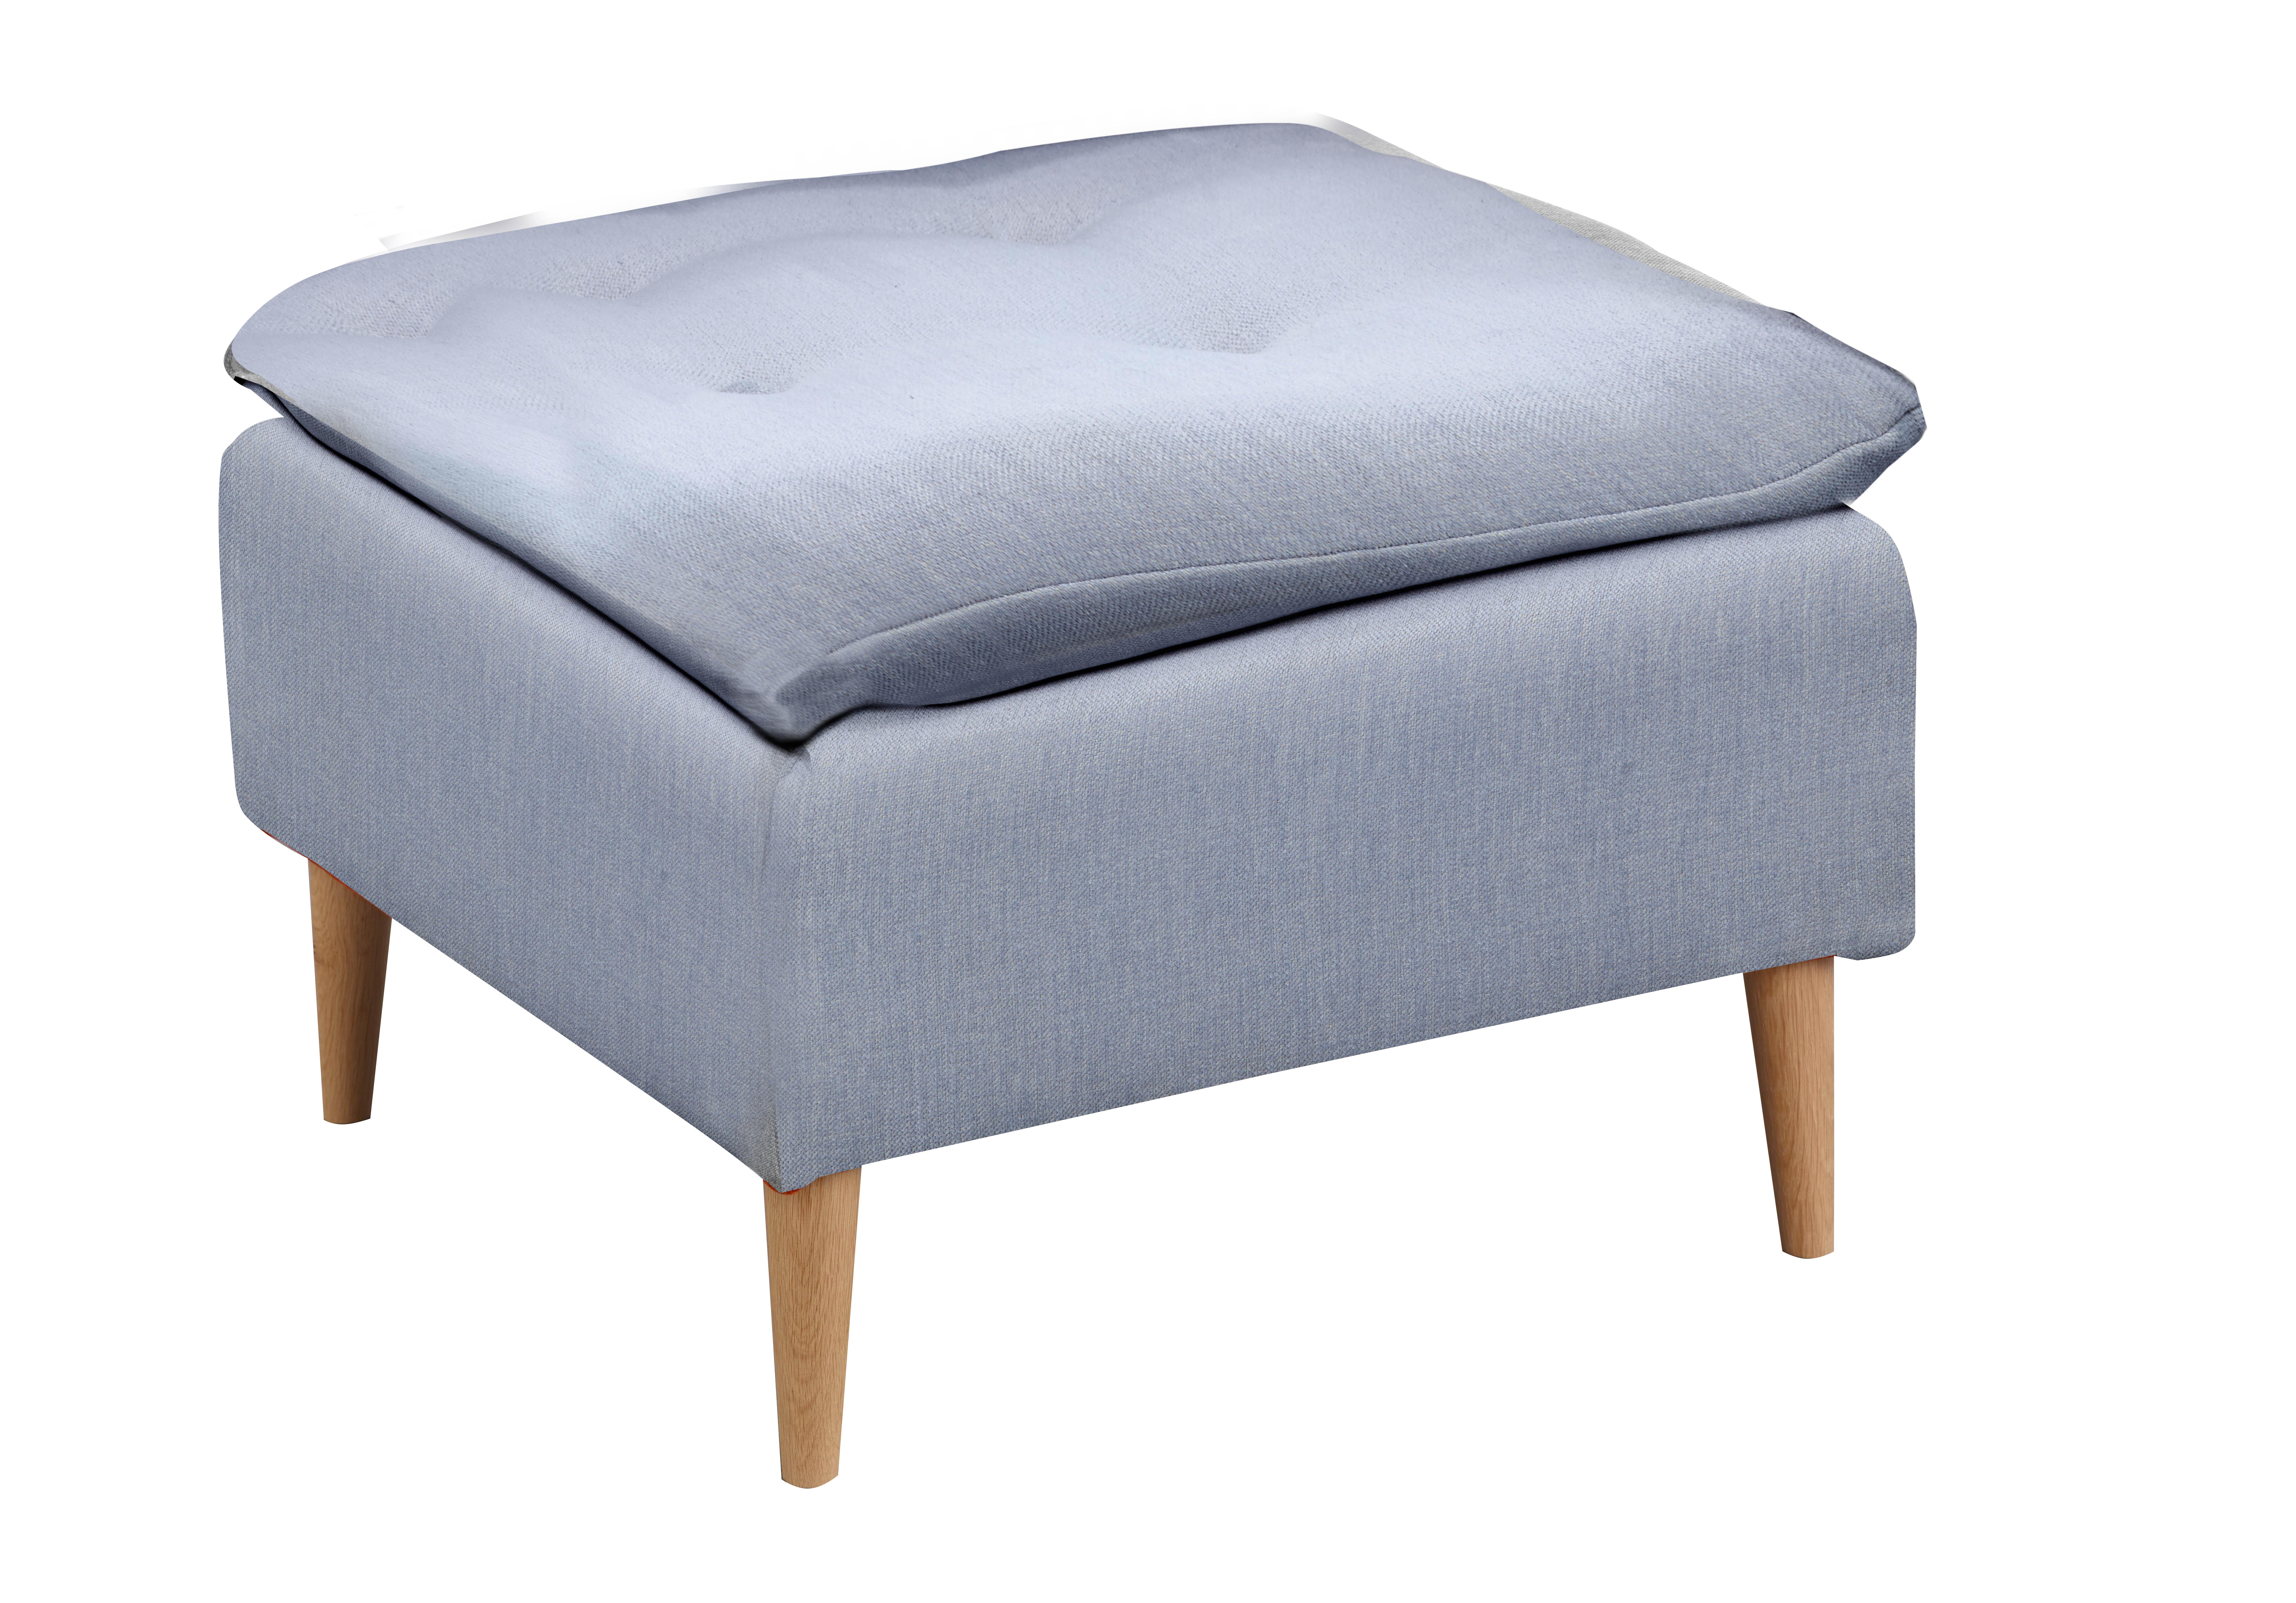 Taburet tapitat cu stofa, cu picioare din lemn Skandia Blue, l60xA60xH42 cm de la